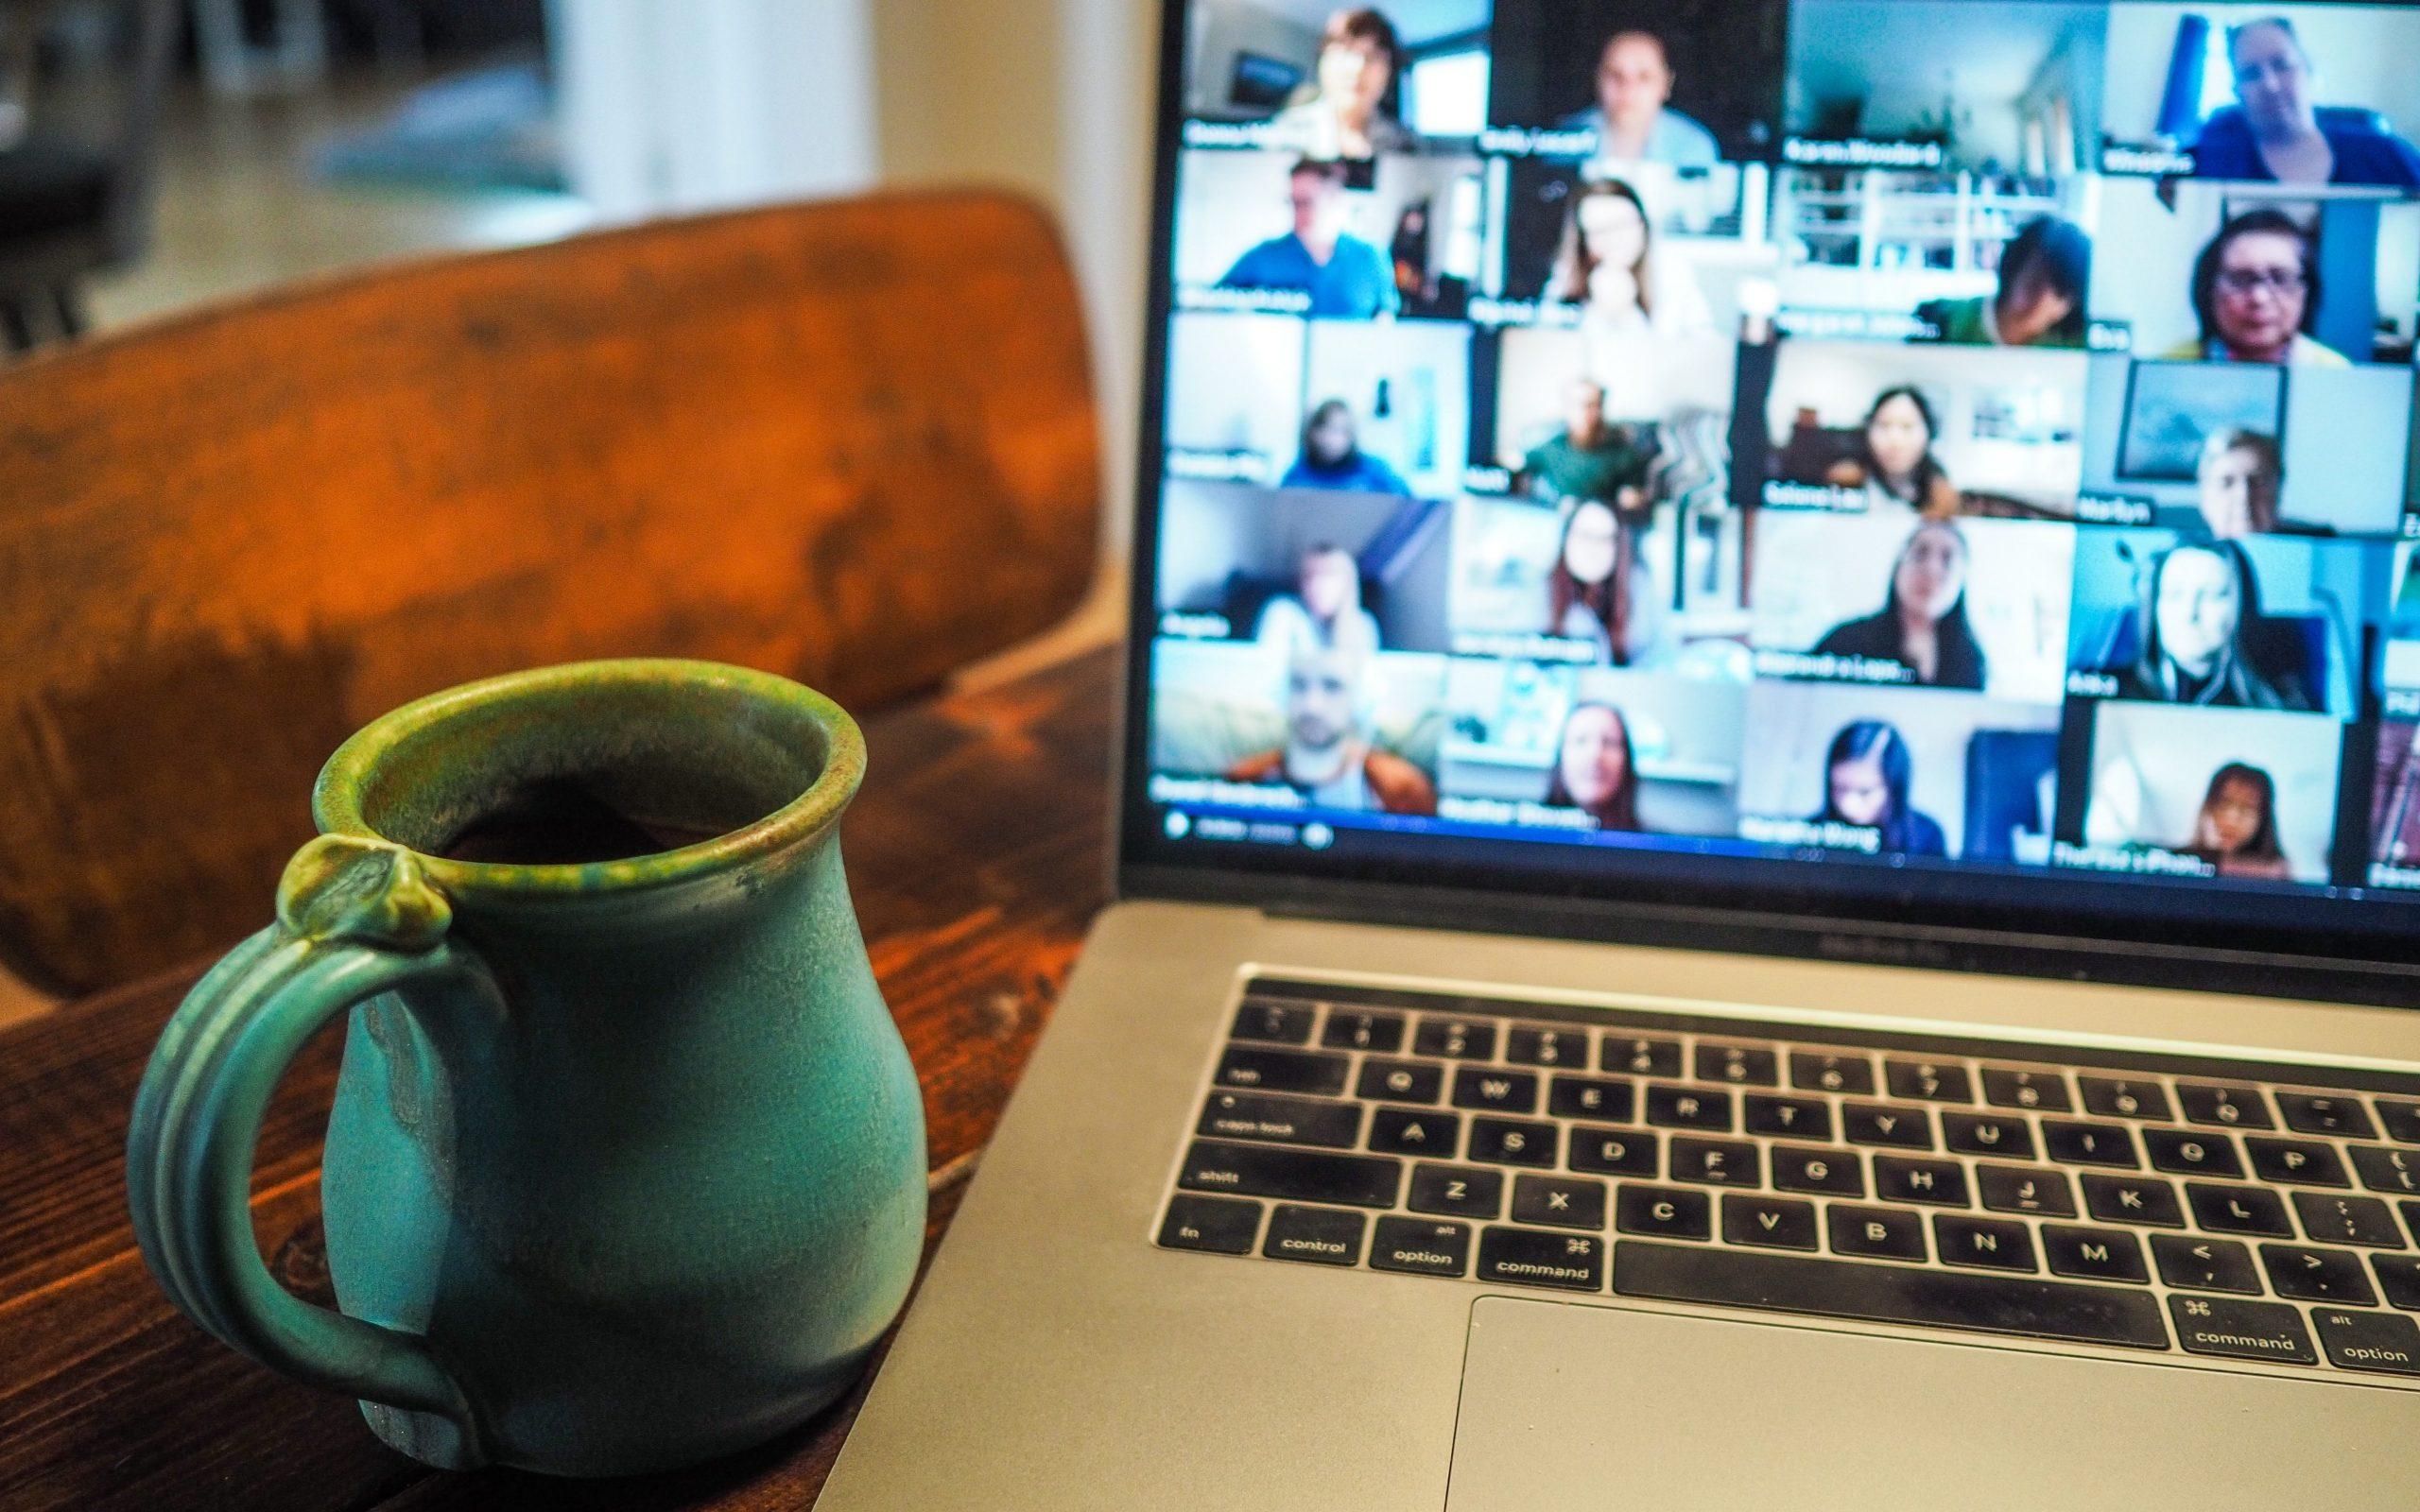 Tiếp theo, hãy chăm chỉ tham dự các buổi họp trực tuyến trong học kỳ mùa thu 2021.